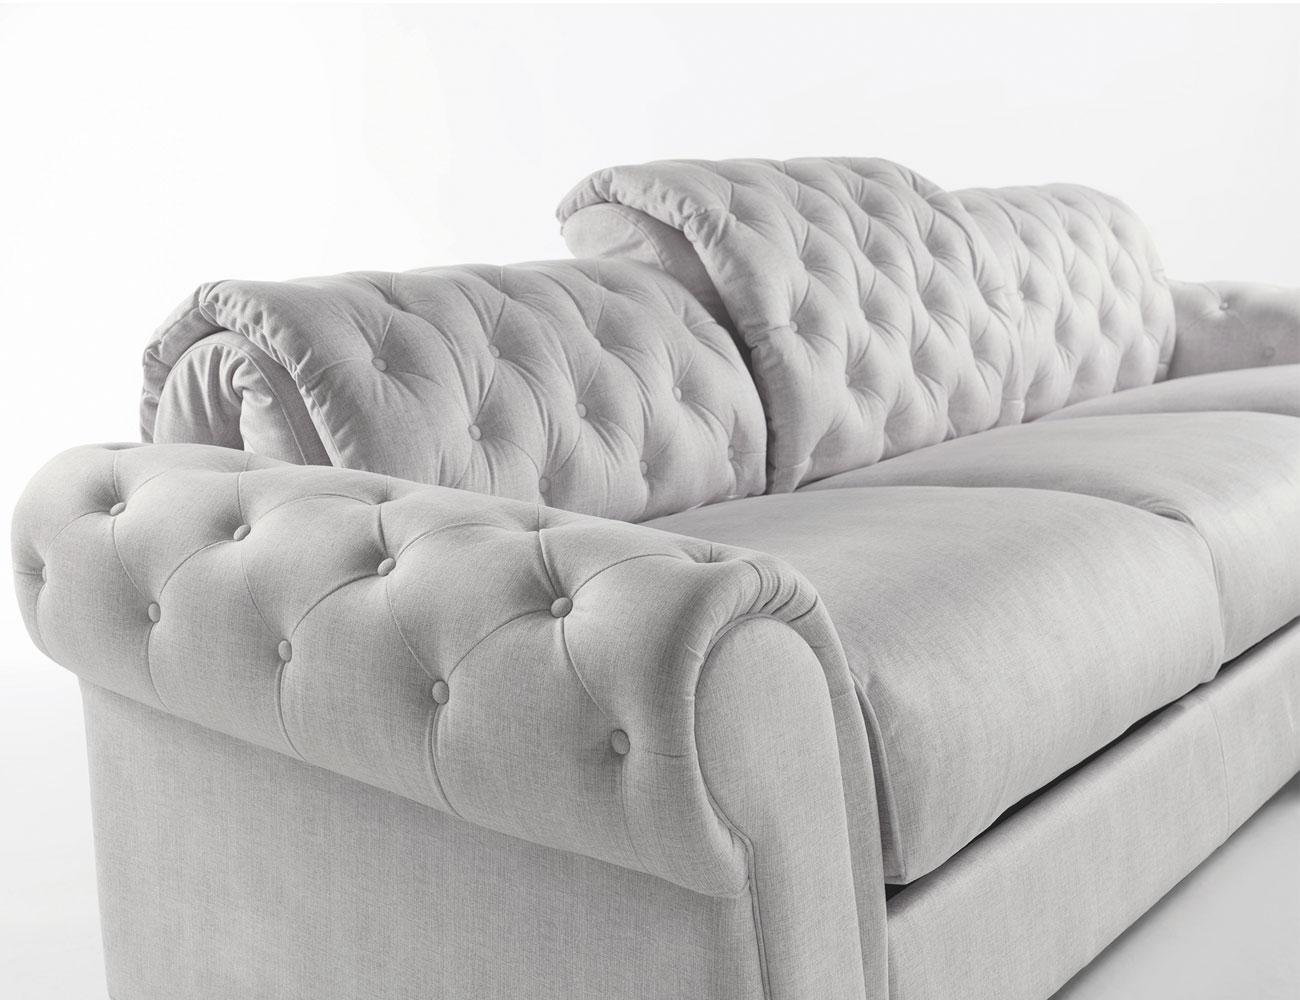 Sofa chaiselongue gran lujo decorativo capitone blanco tela 125